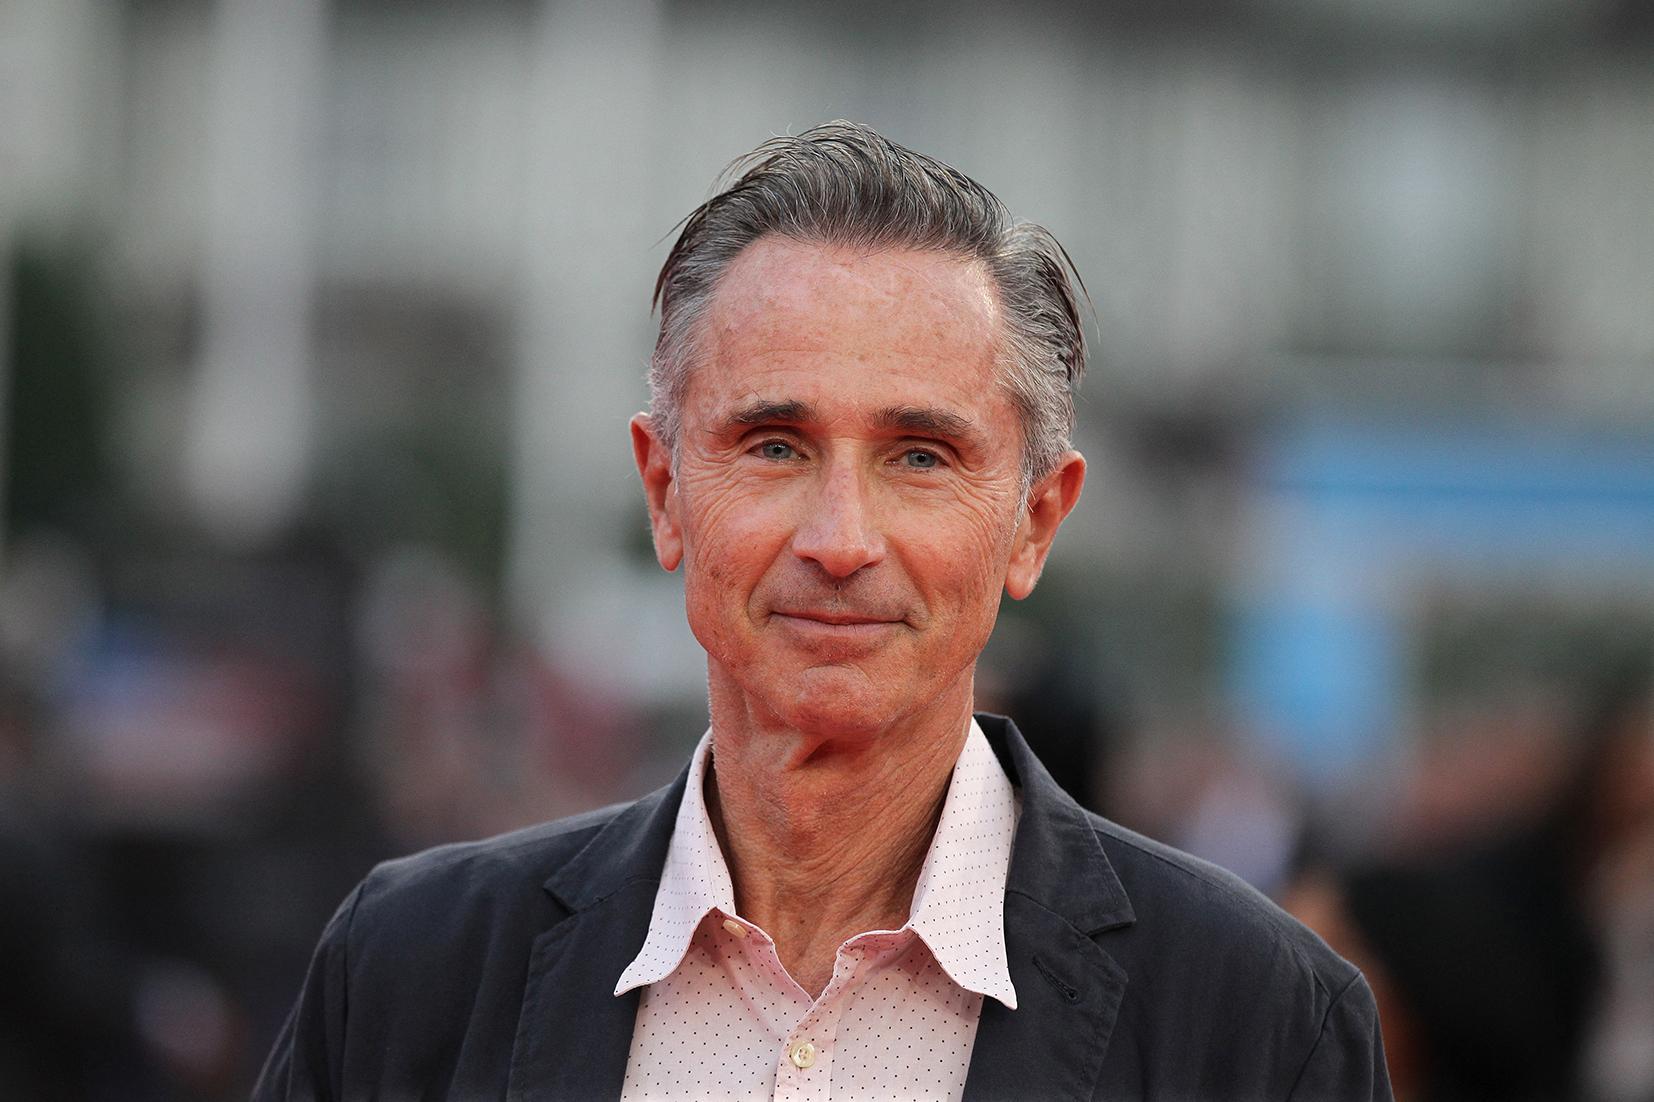 Thierry Lhermitte : quelle est la maladie handicapante dont souffre l'acteur ? - CNEWS